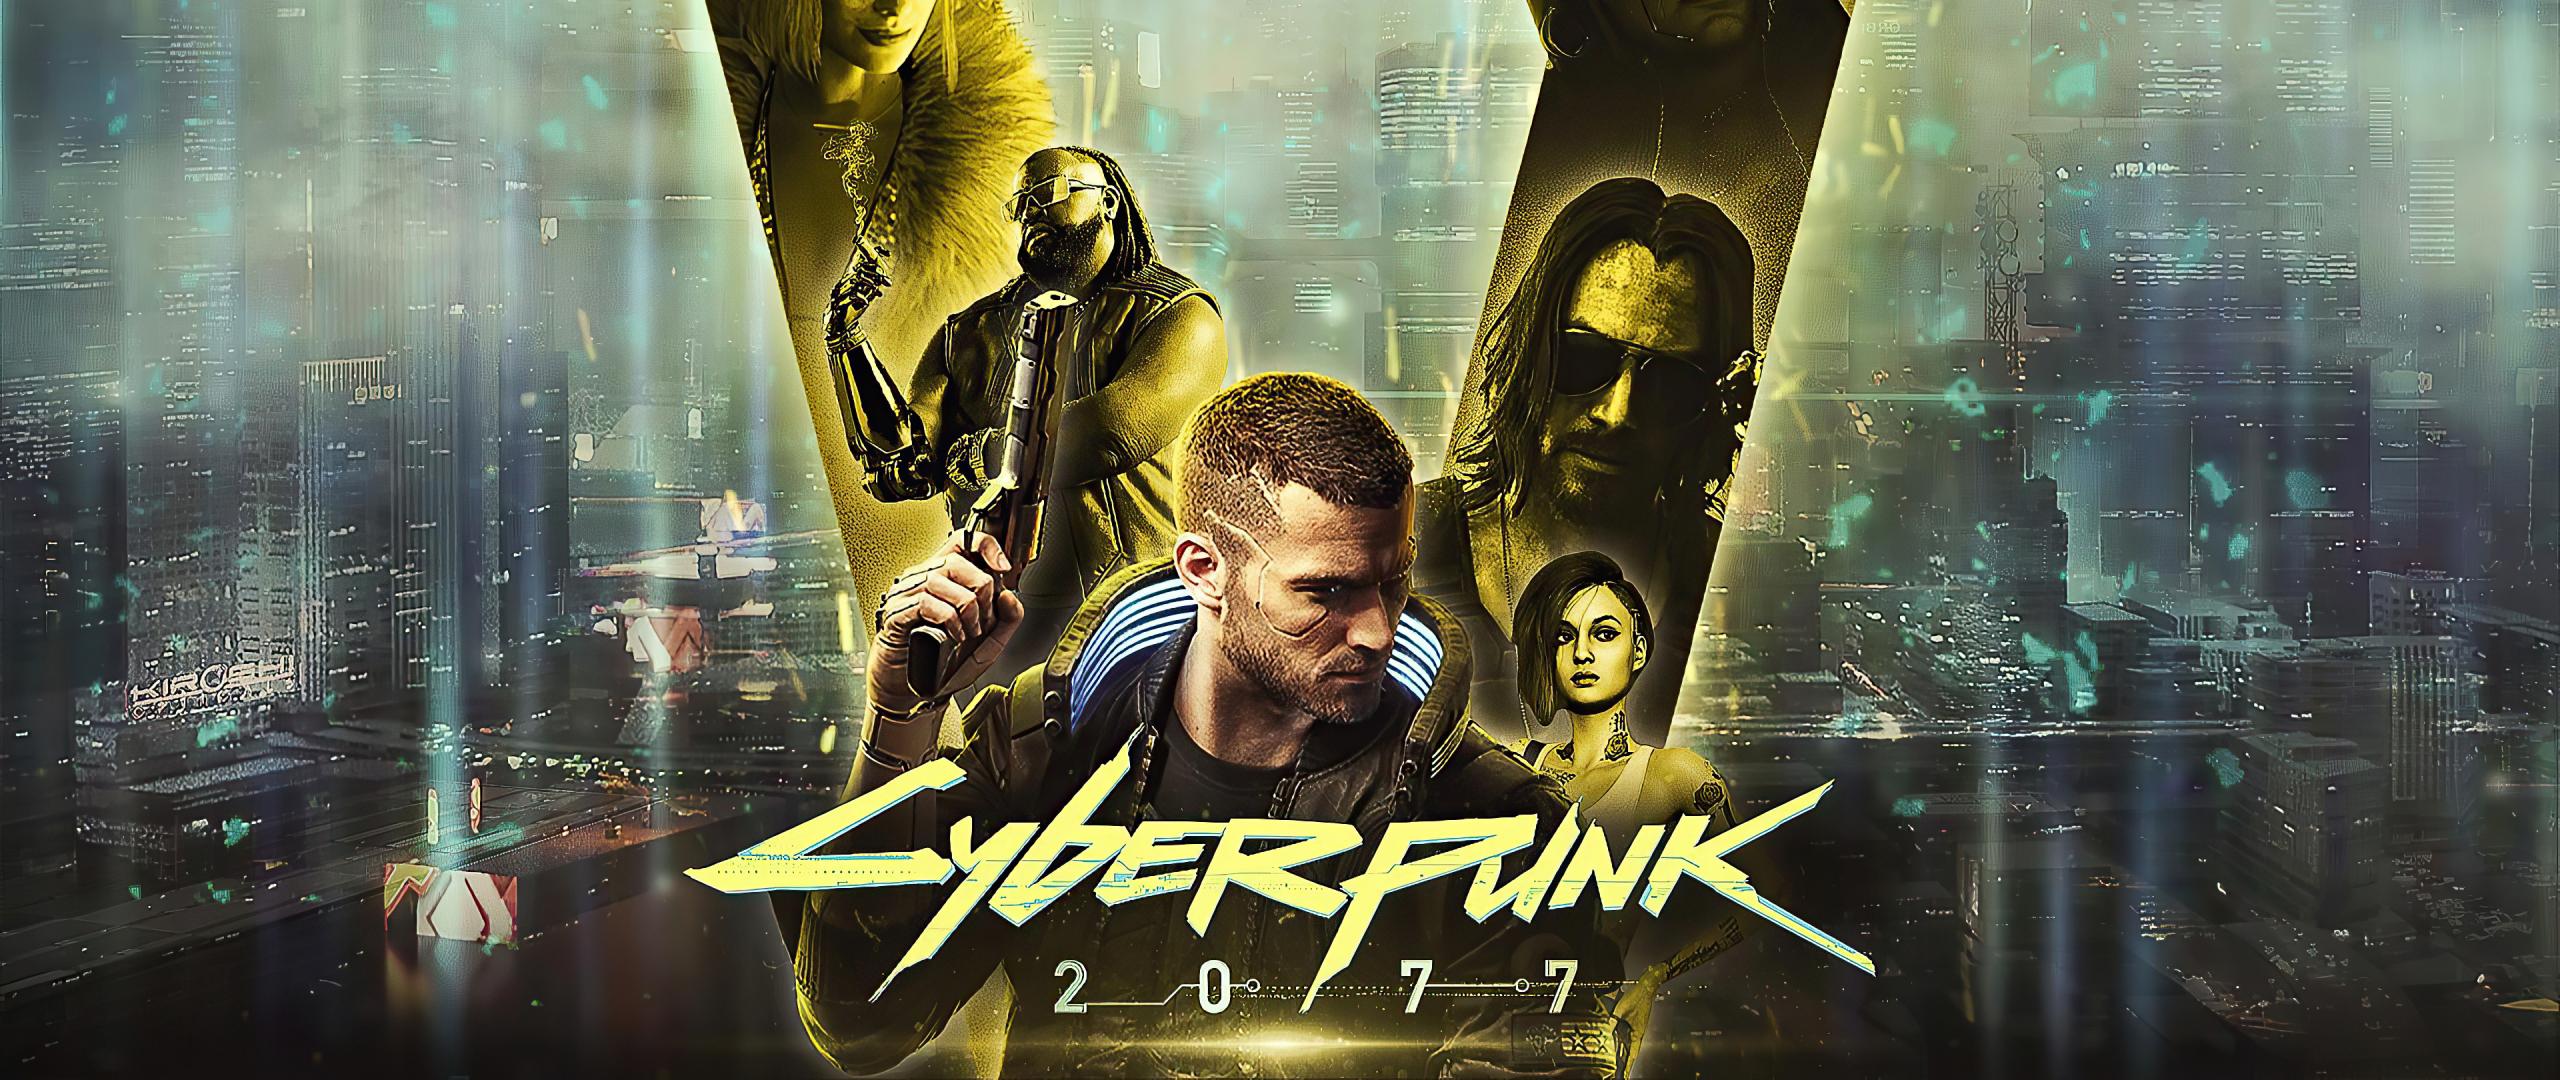 2560x1080 Cyberpunk 2077 Gold 2560x1080 Resolution ...